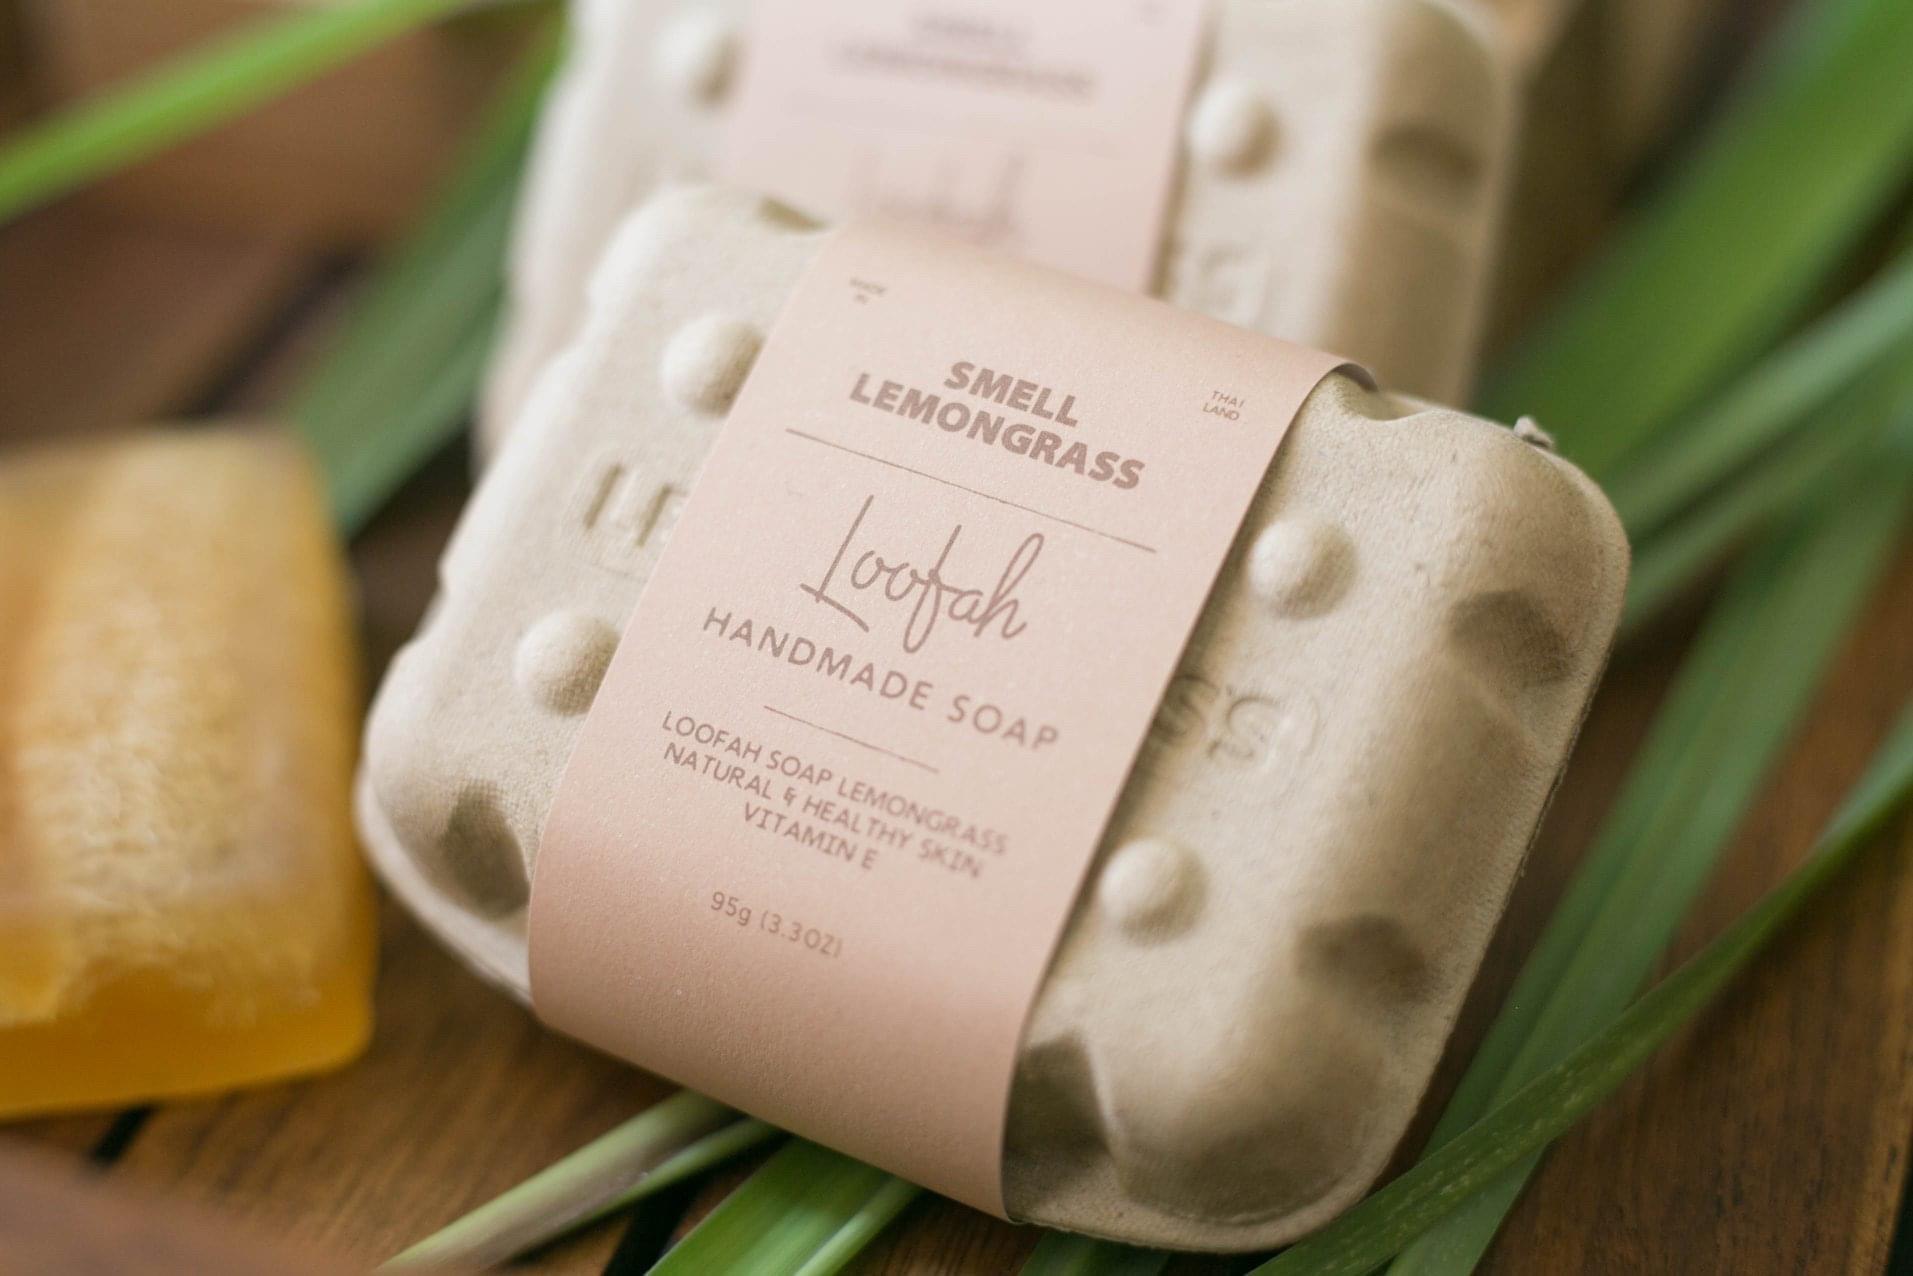 EC_Smell lemongrass_200908.jpg